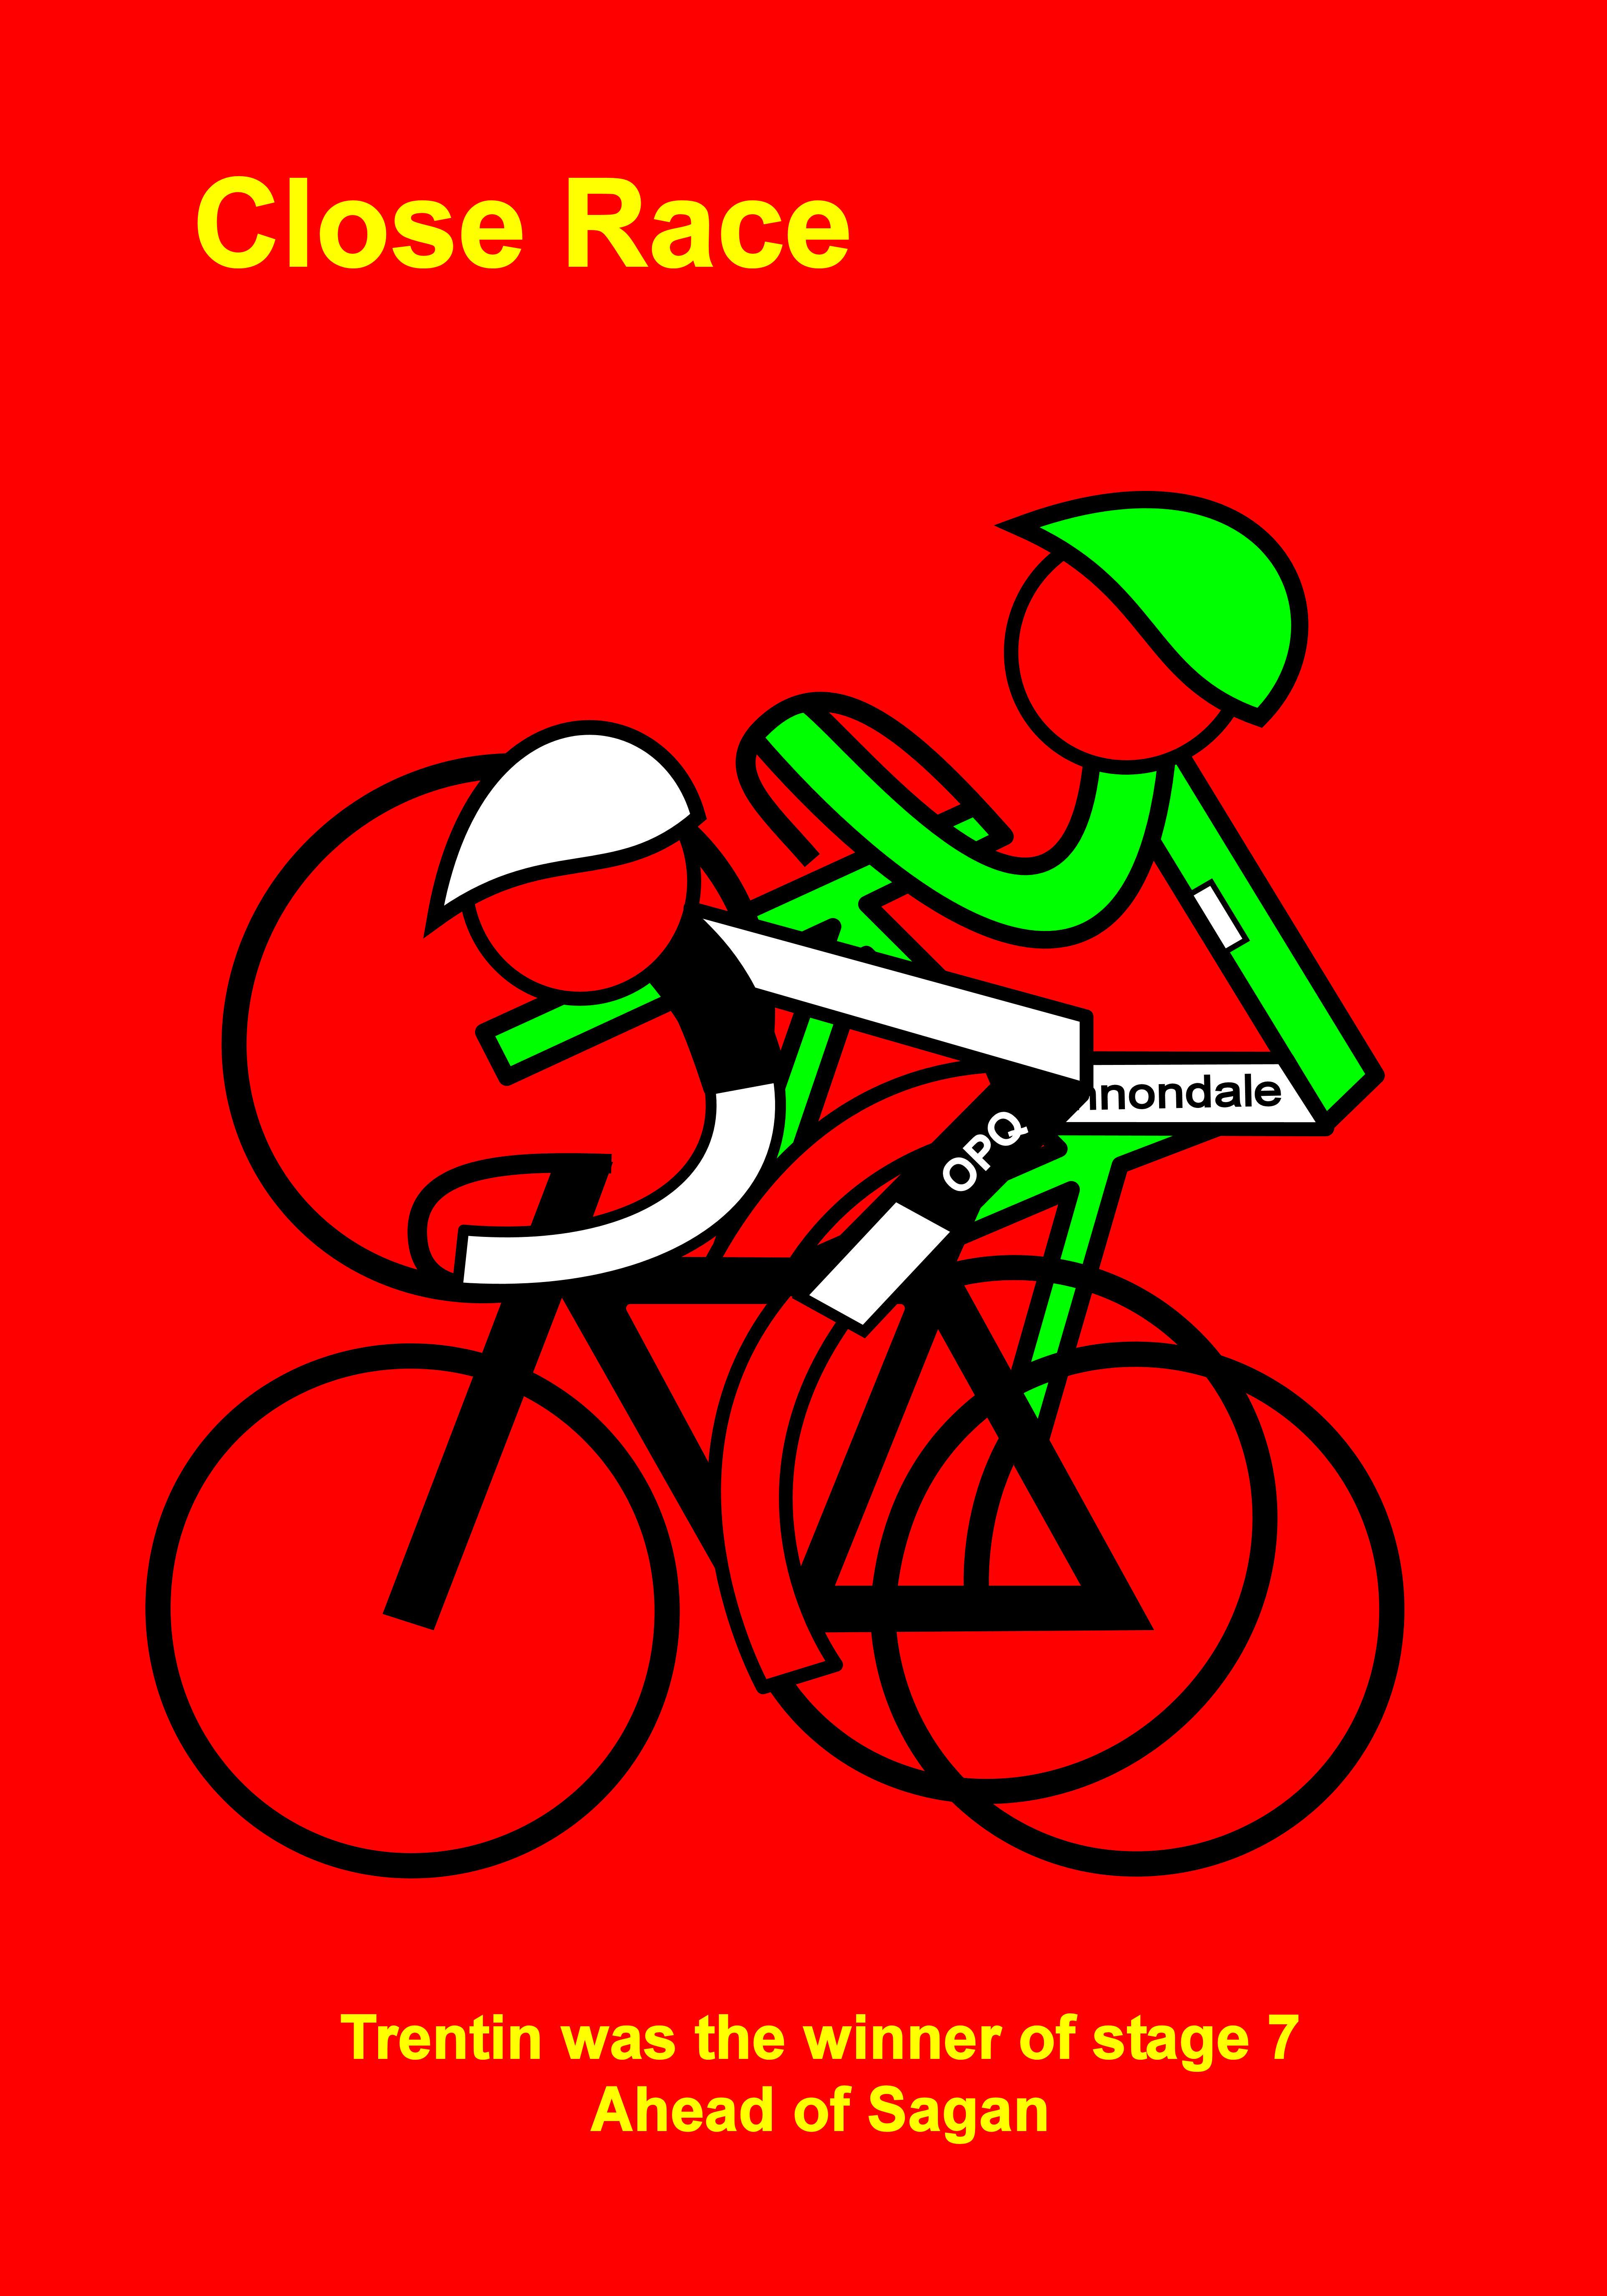 Épernay, Nancy, verdun,Trentin,                                 stage 7, July 11th, Sagan, Tour de                                 France 2014, Tour de France, Épernay,                                 Nancy, Verdun, Trentin, étape 7, le 11                                 Juillet, Sagan, Tour de France 2014,                                 Tour de France